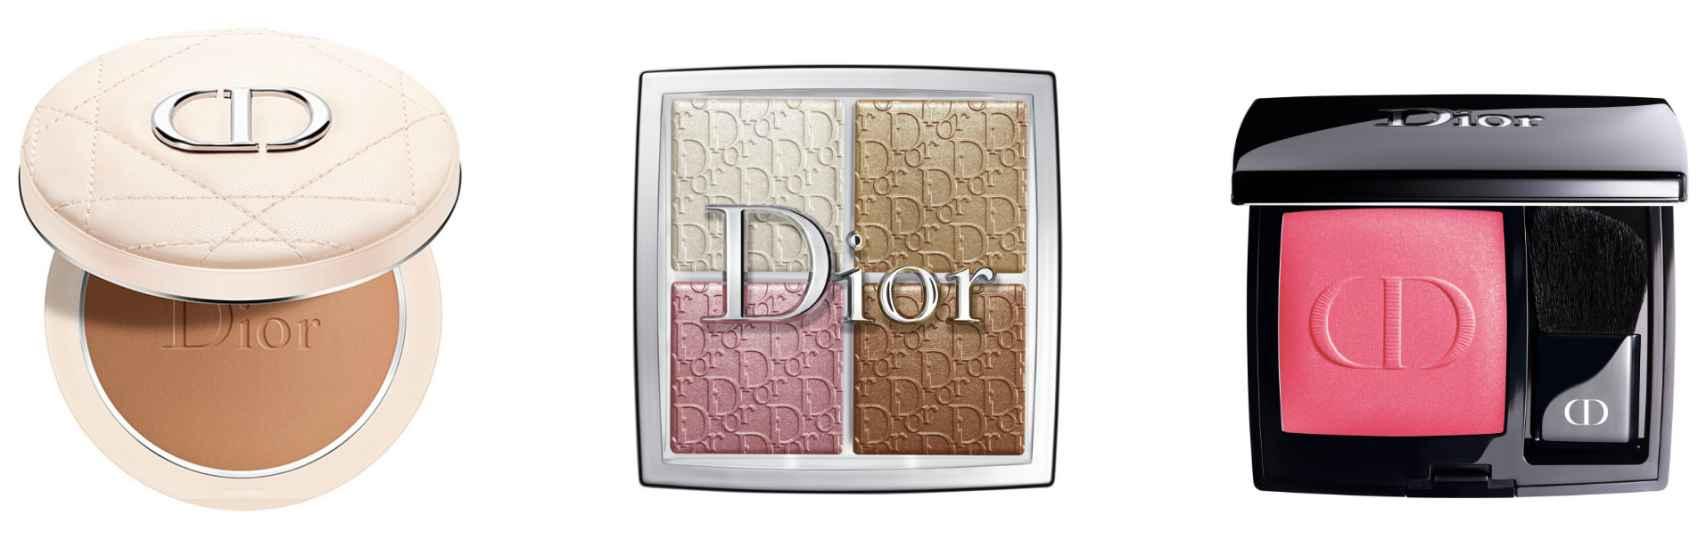 Polvos, iluminador y colorete de Dior.